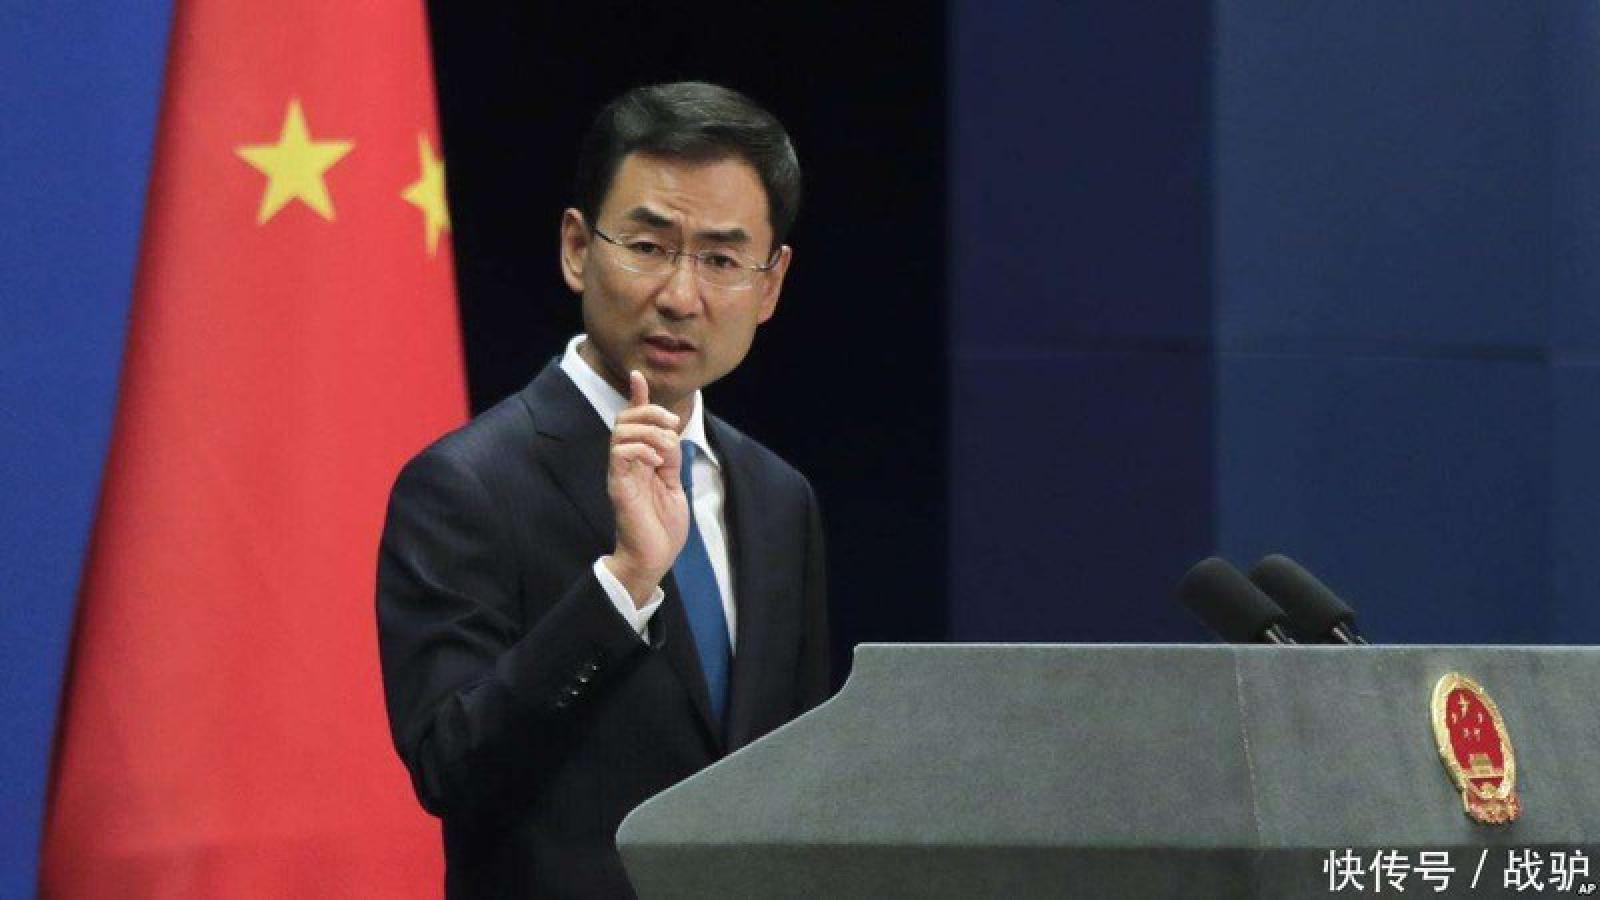 Trung Quốc nói đảm bảo quyền hợp pháp của 2 công dân Canada bị bắt giữ